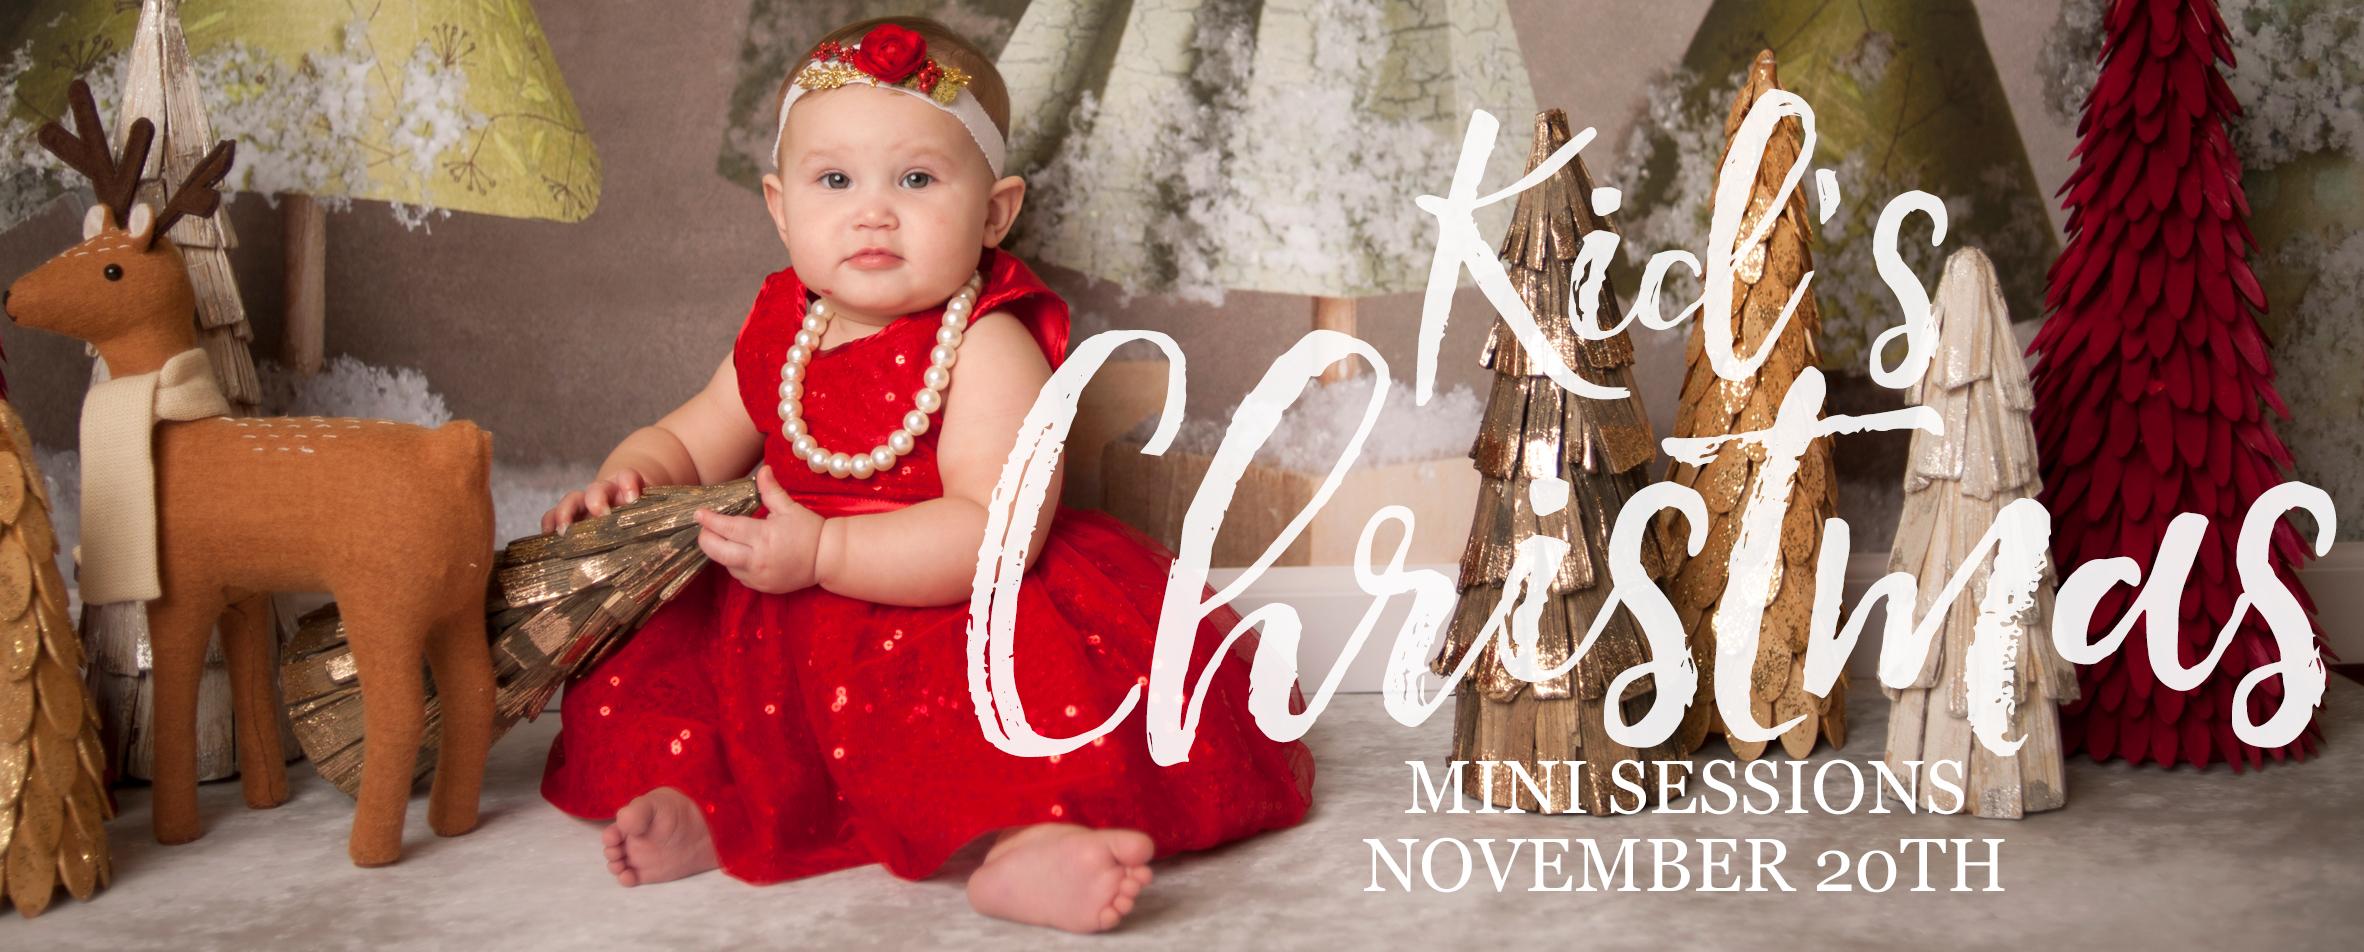 nebraska photographer kids christmas mini session pictures dorchester ne photographer kelsey homolka nerud